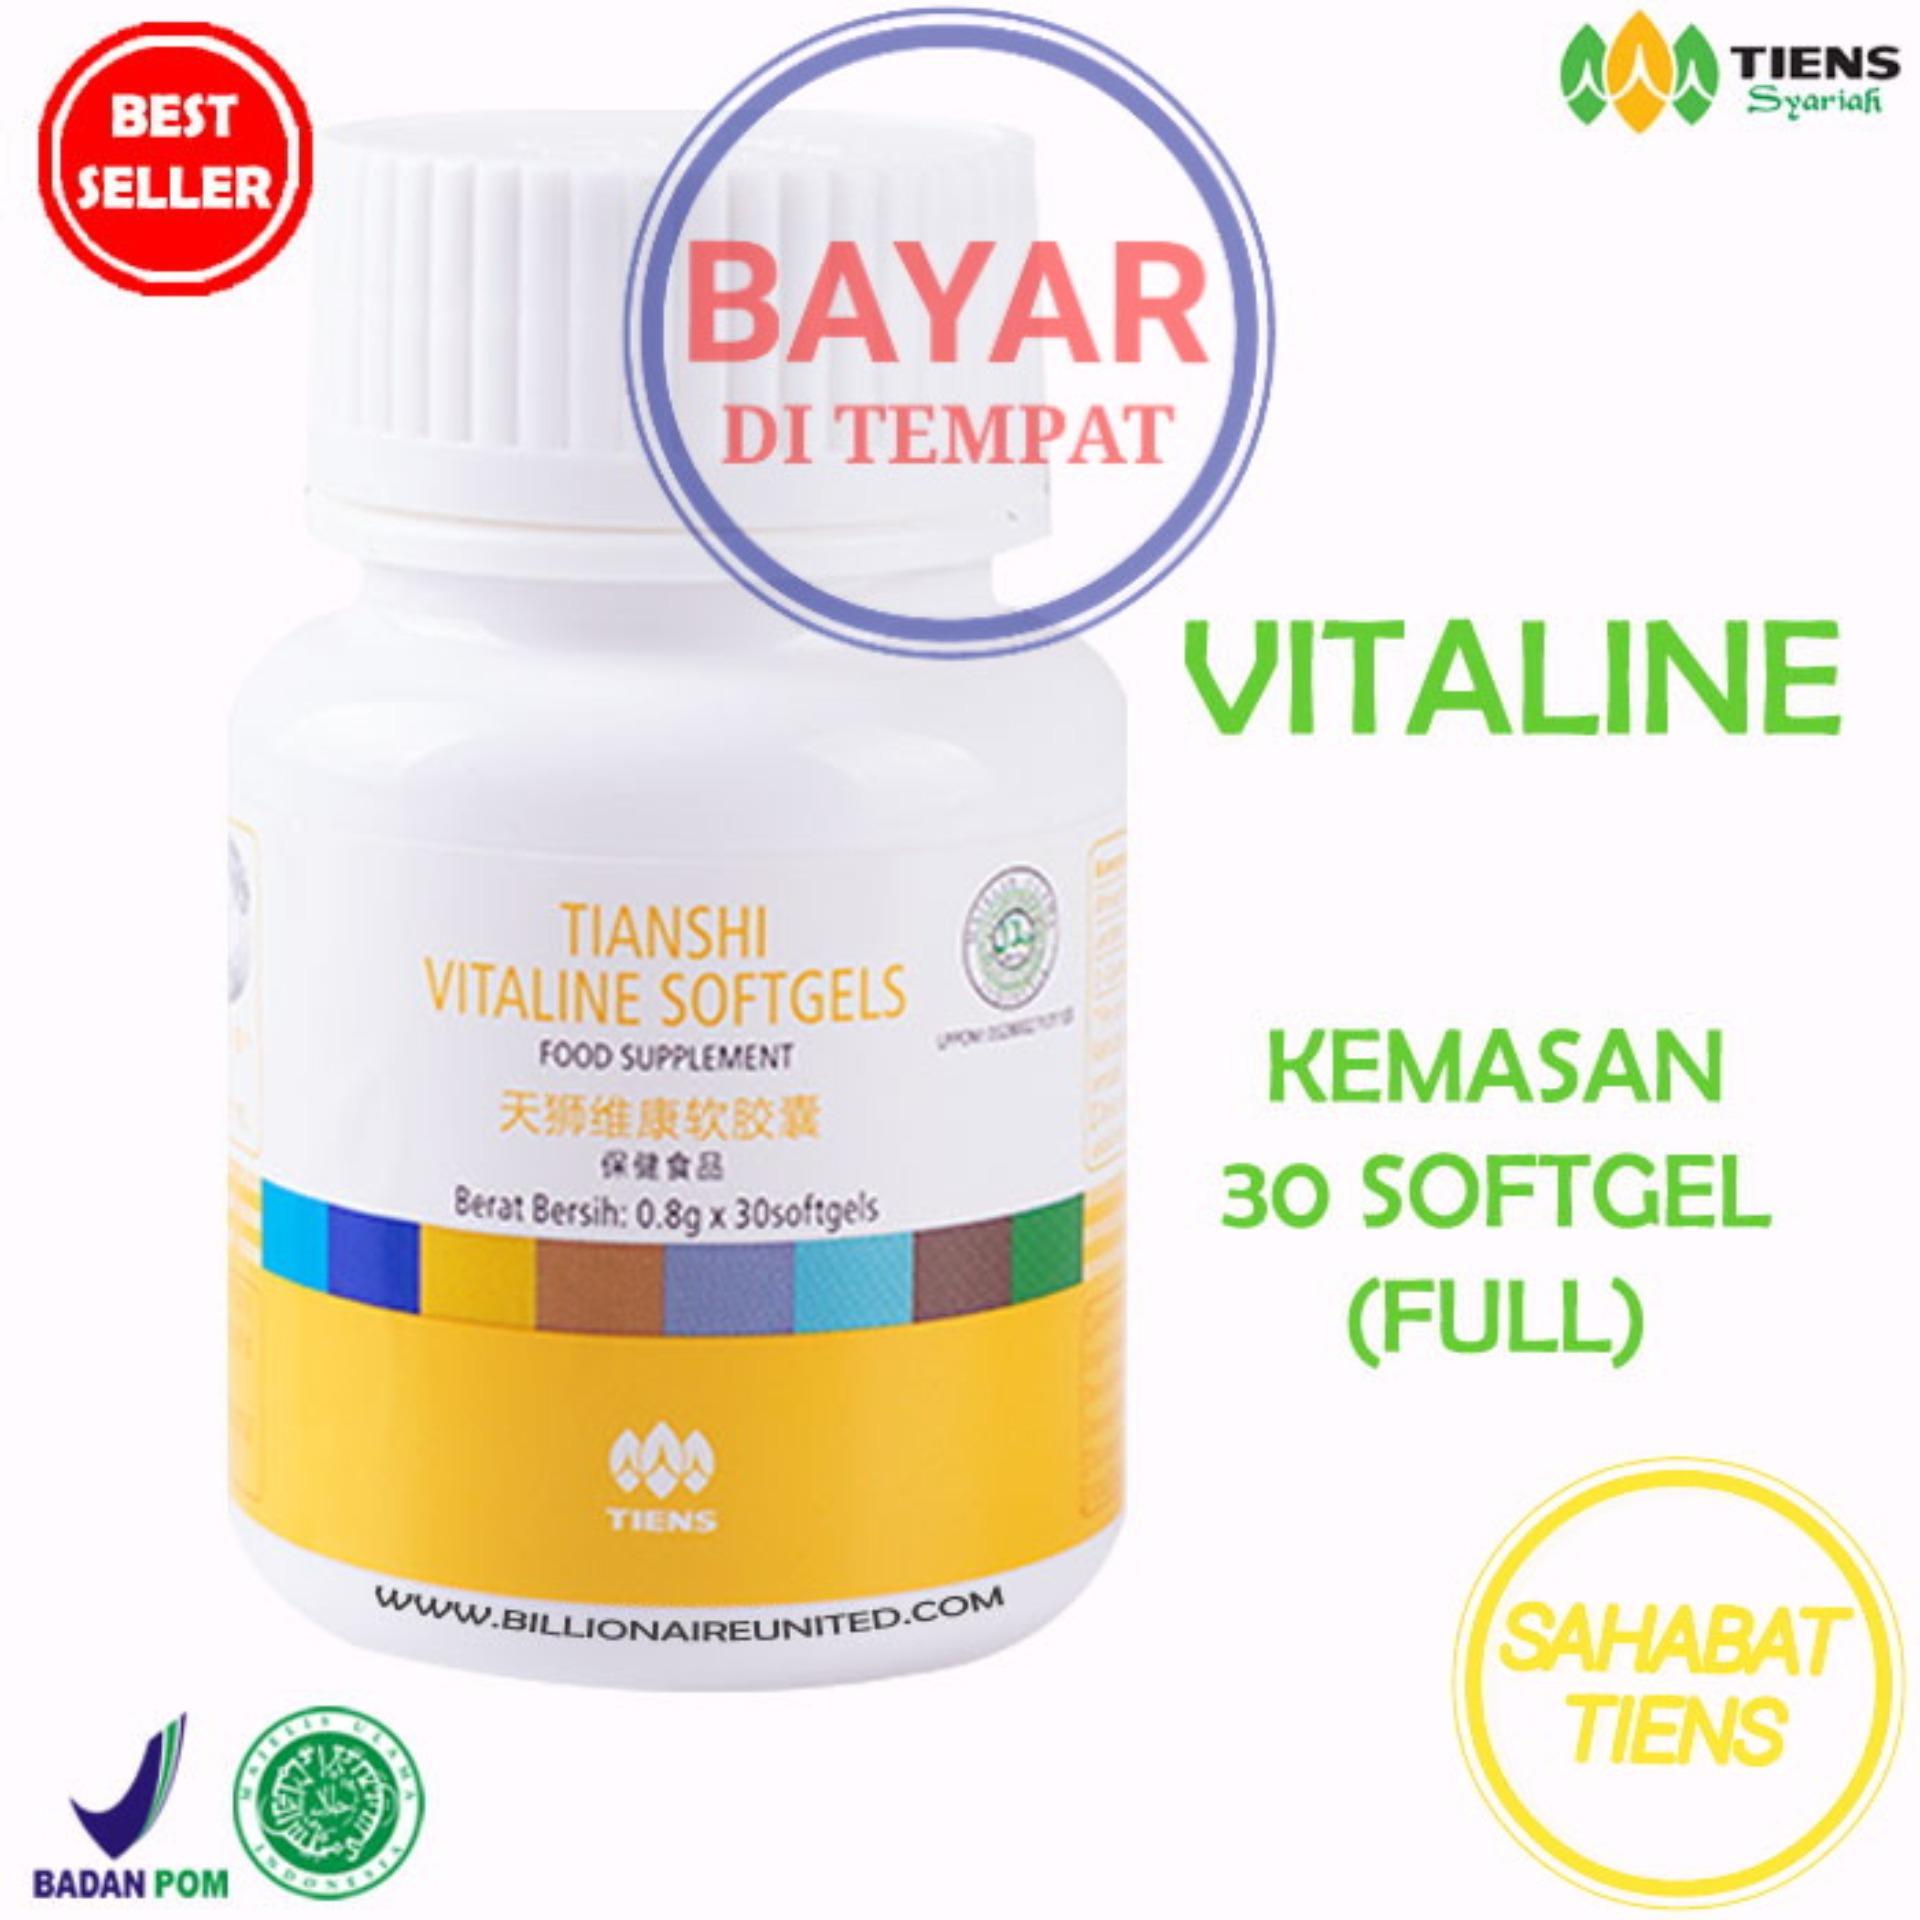 Jual Tiens Vitaline Pemutih Kulit Wajah Dan Tubuh Terbaik Dengan Vitamin E Free Kartu Member St Tiens Asli